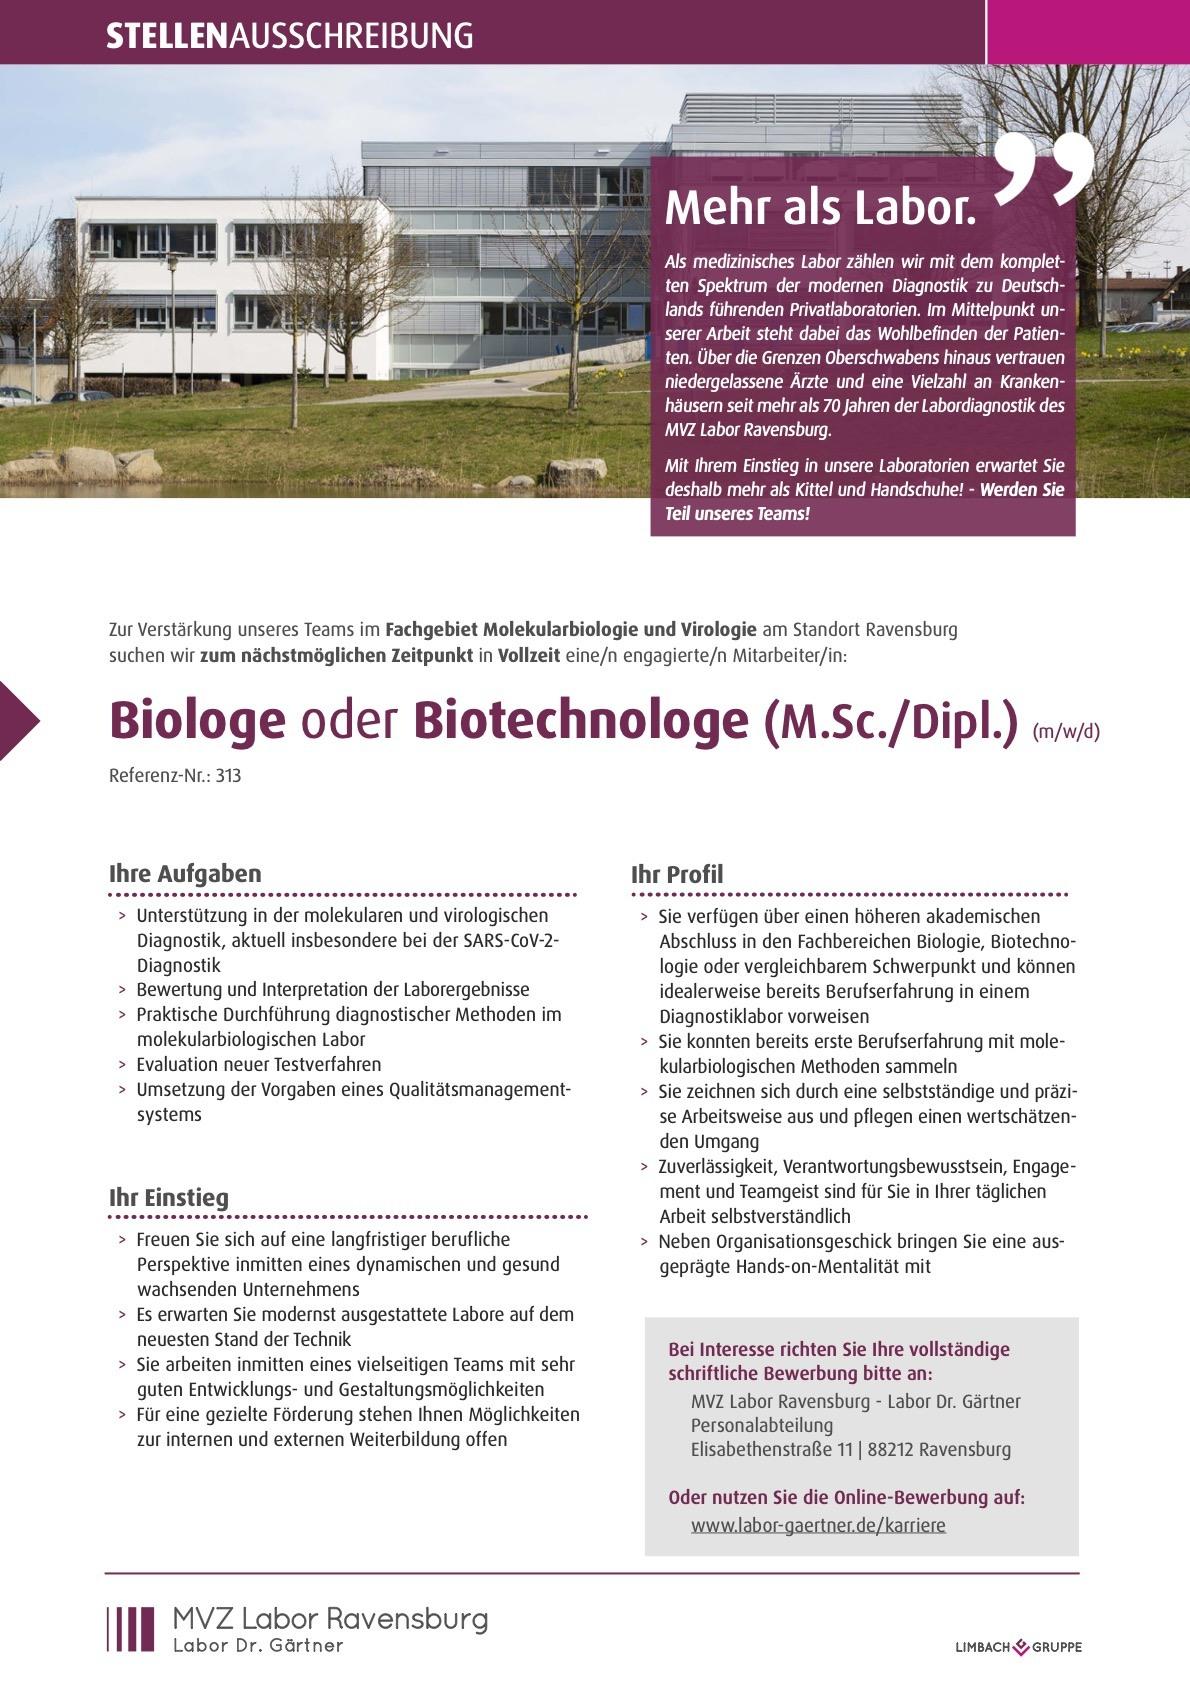 Biologe oder Biotechnologe (M.Sc./Dipl.) (m/w/d)